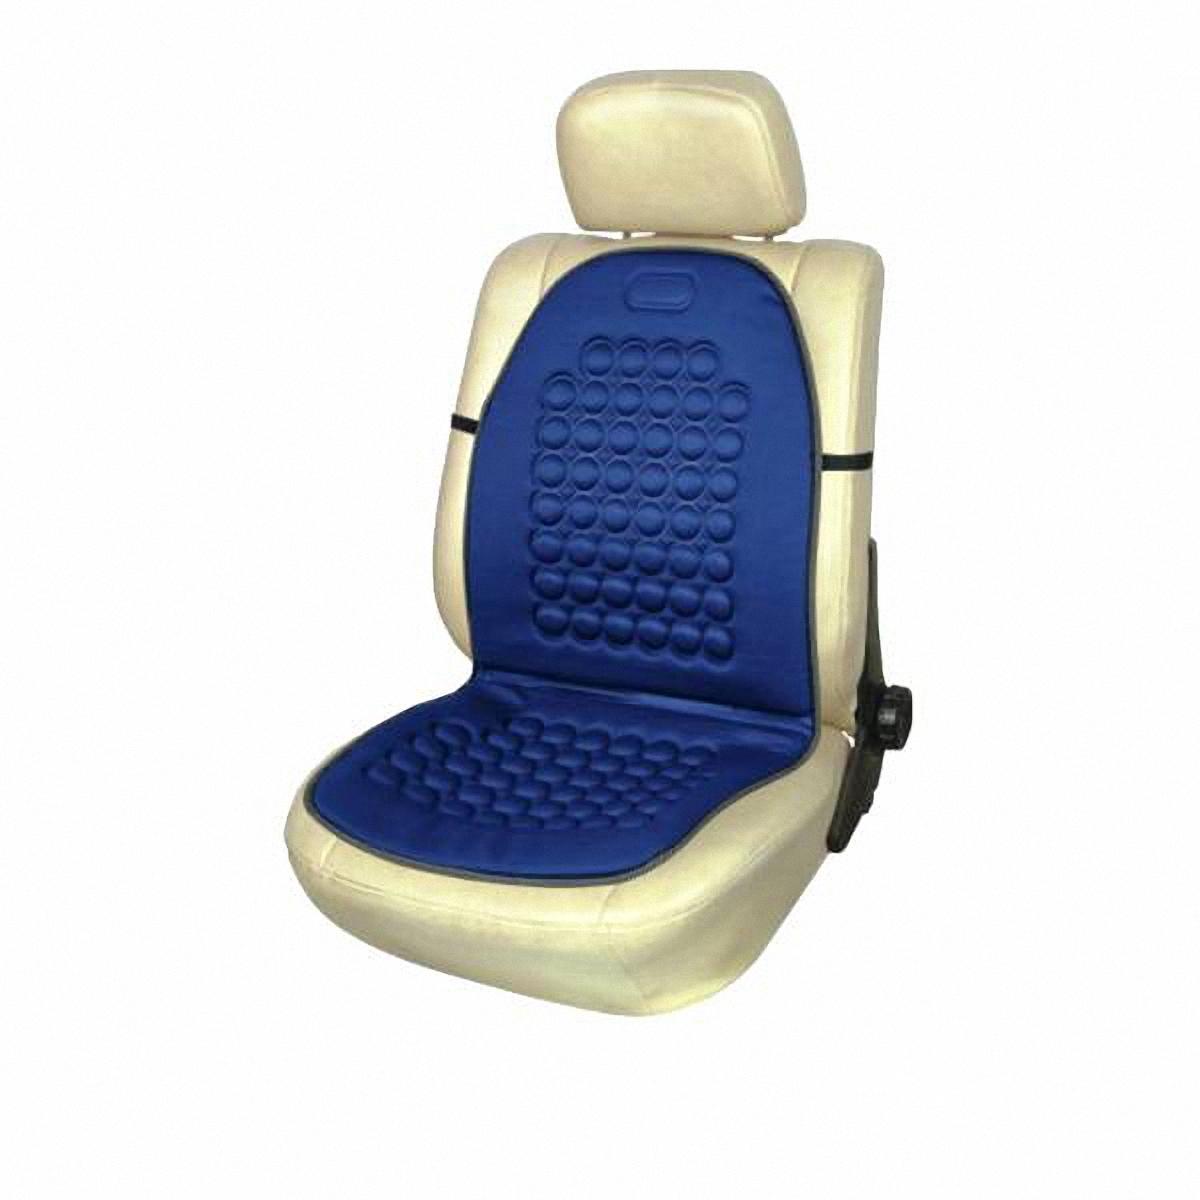 Накидка на сиденье Skyway. S01302005SW-102100 BU /S01302005Накидка на сиденье Skyway - это изящное сочетание стиля и качества. Выполненные из особого материала они расслабляют мышцы спины при поездке, благотворно влияя на позвоночник. Так просто получить ощущение легкого массажа. С ними салон становится уютнее, а сами сидения - удобнее.